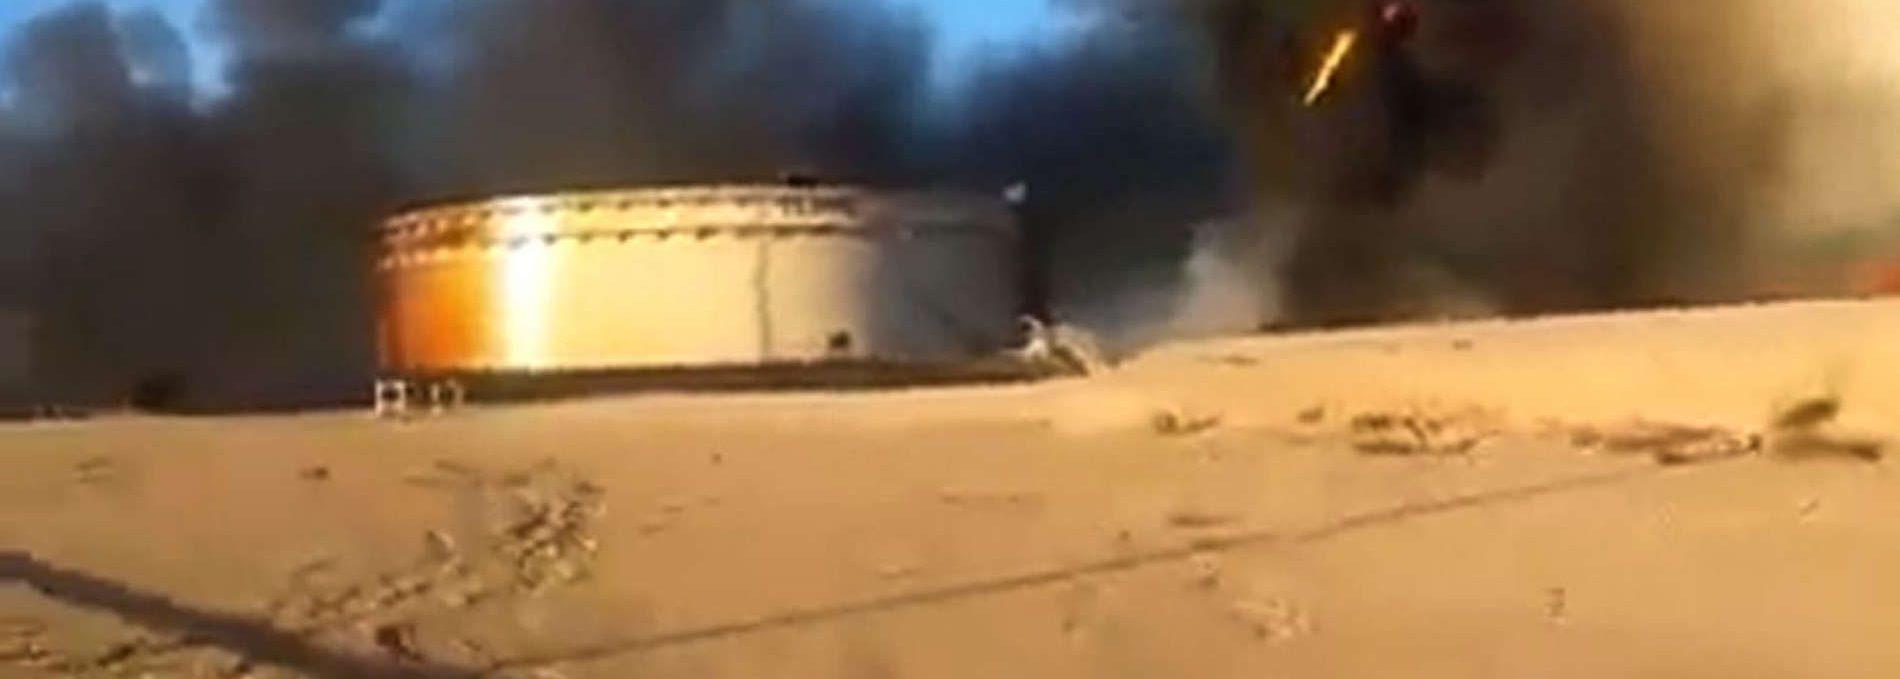 Auf einem libyschen Ölfeld war der Linzer am 6. März entführt worden, jetzt geht man im Außenministerium von seinem Tod aus.